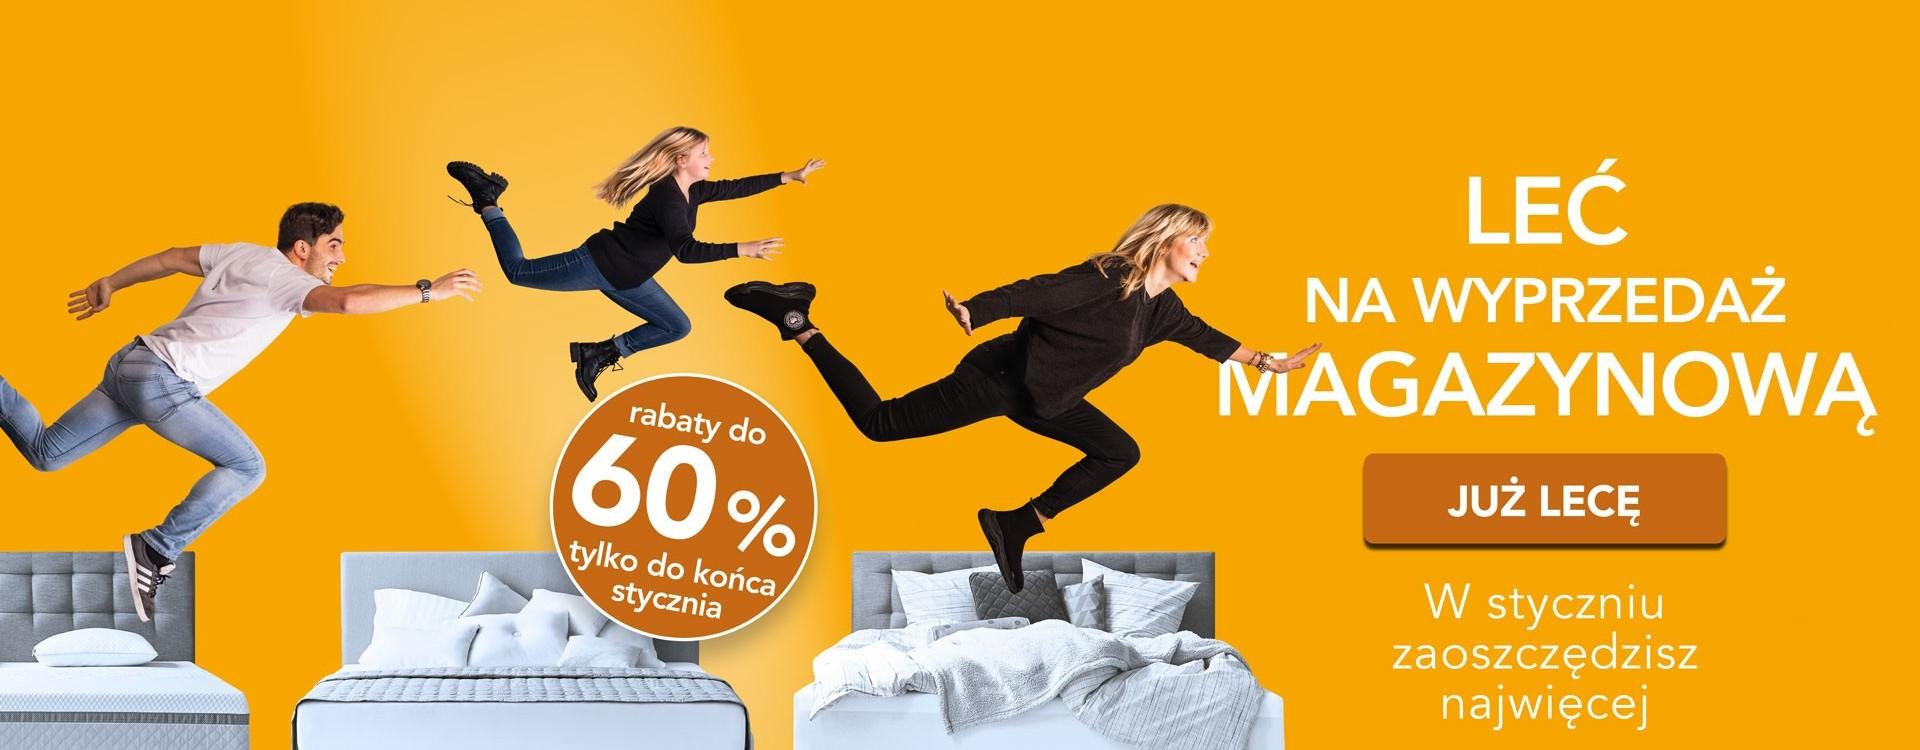 Styczniowe ceny materaców, łóżek i poduszek